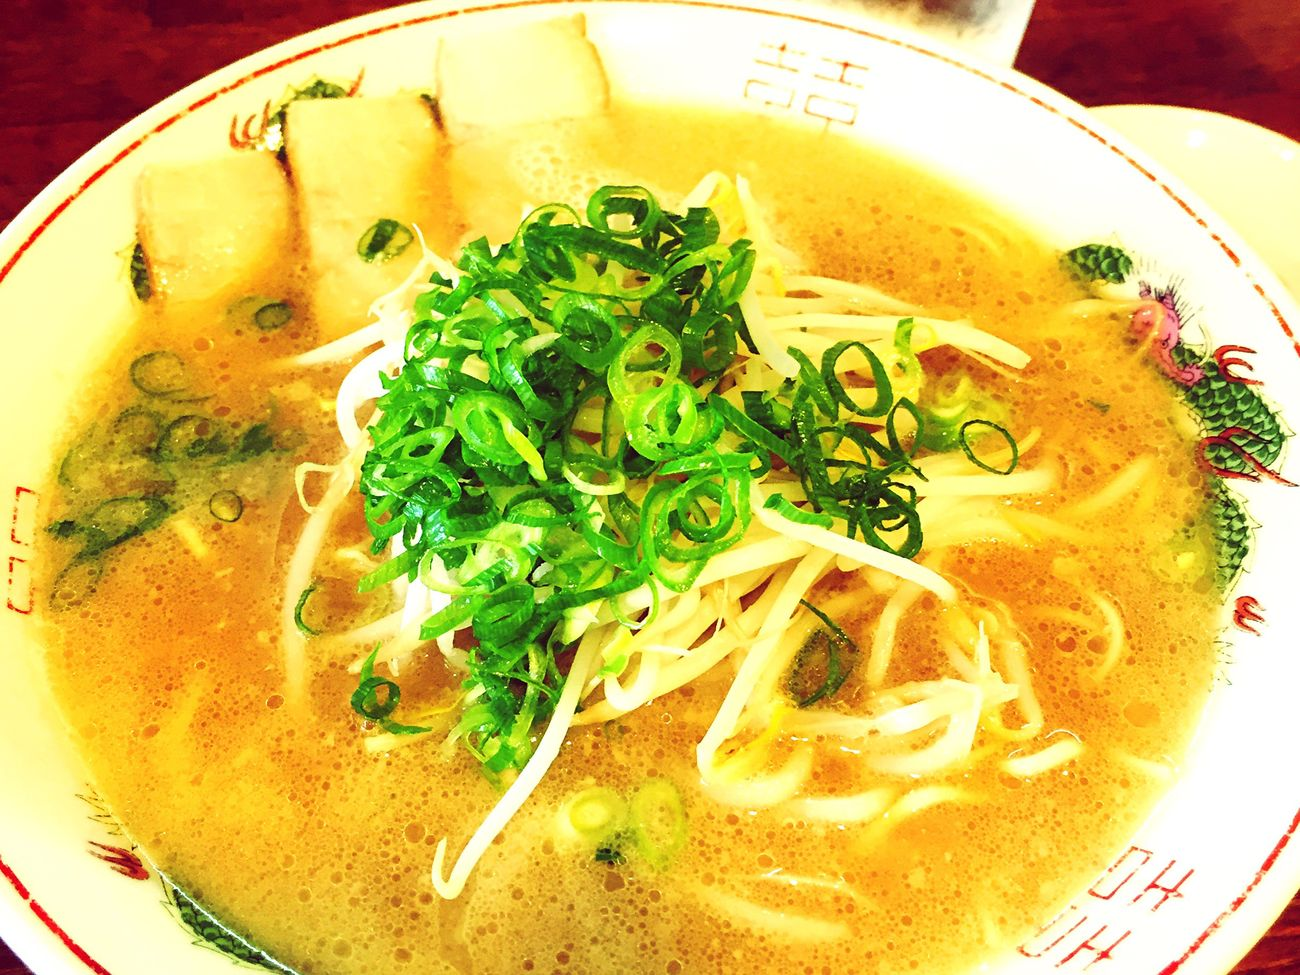 中華そば ラーメン 広島 中区 舟入 喜八屋 きはちや 屋台風 美味しい